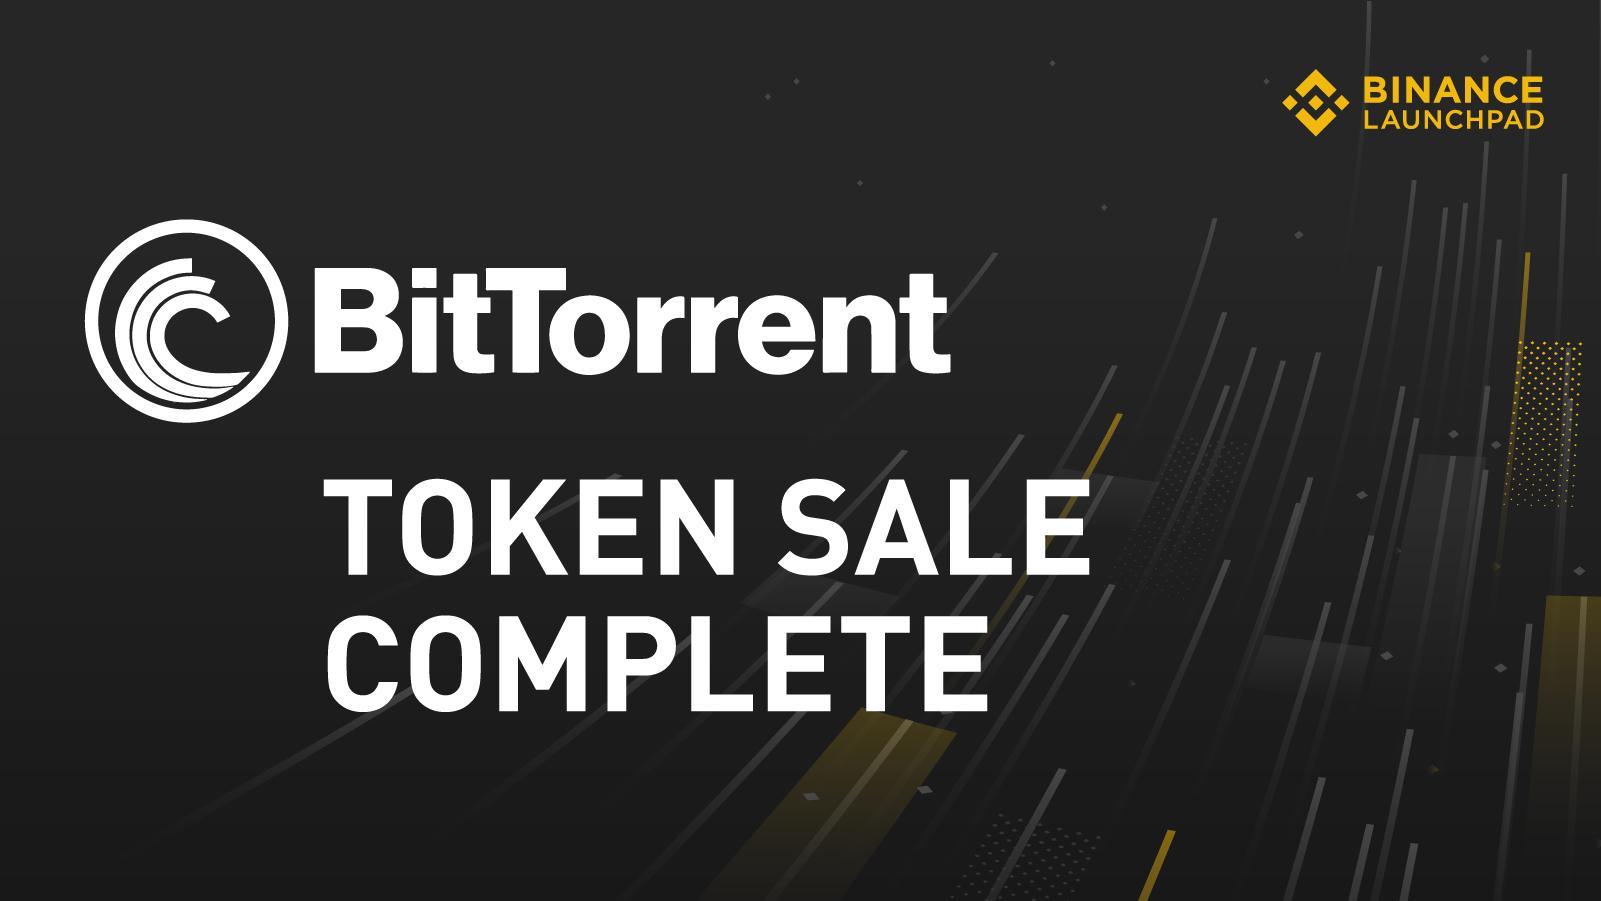 btt-coin-4